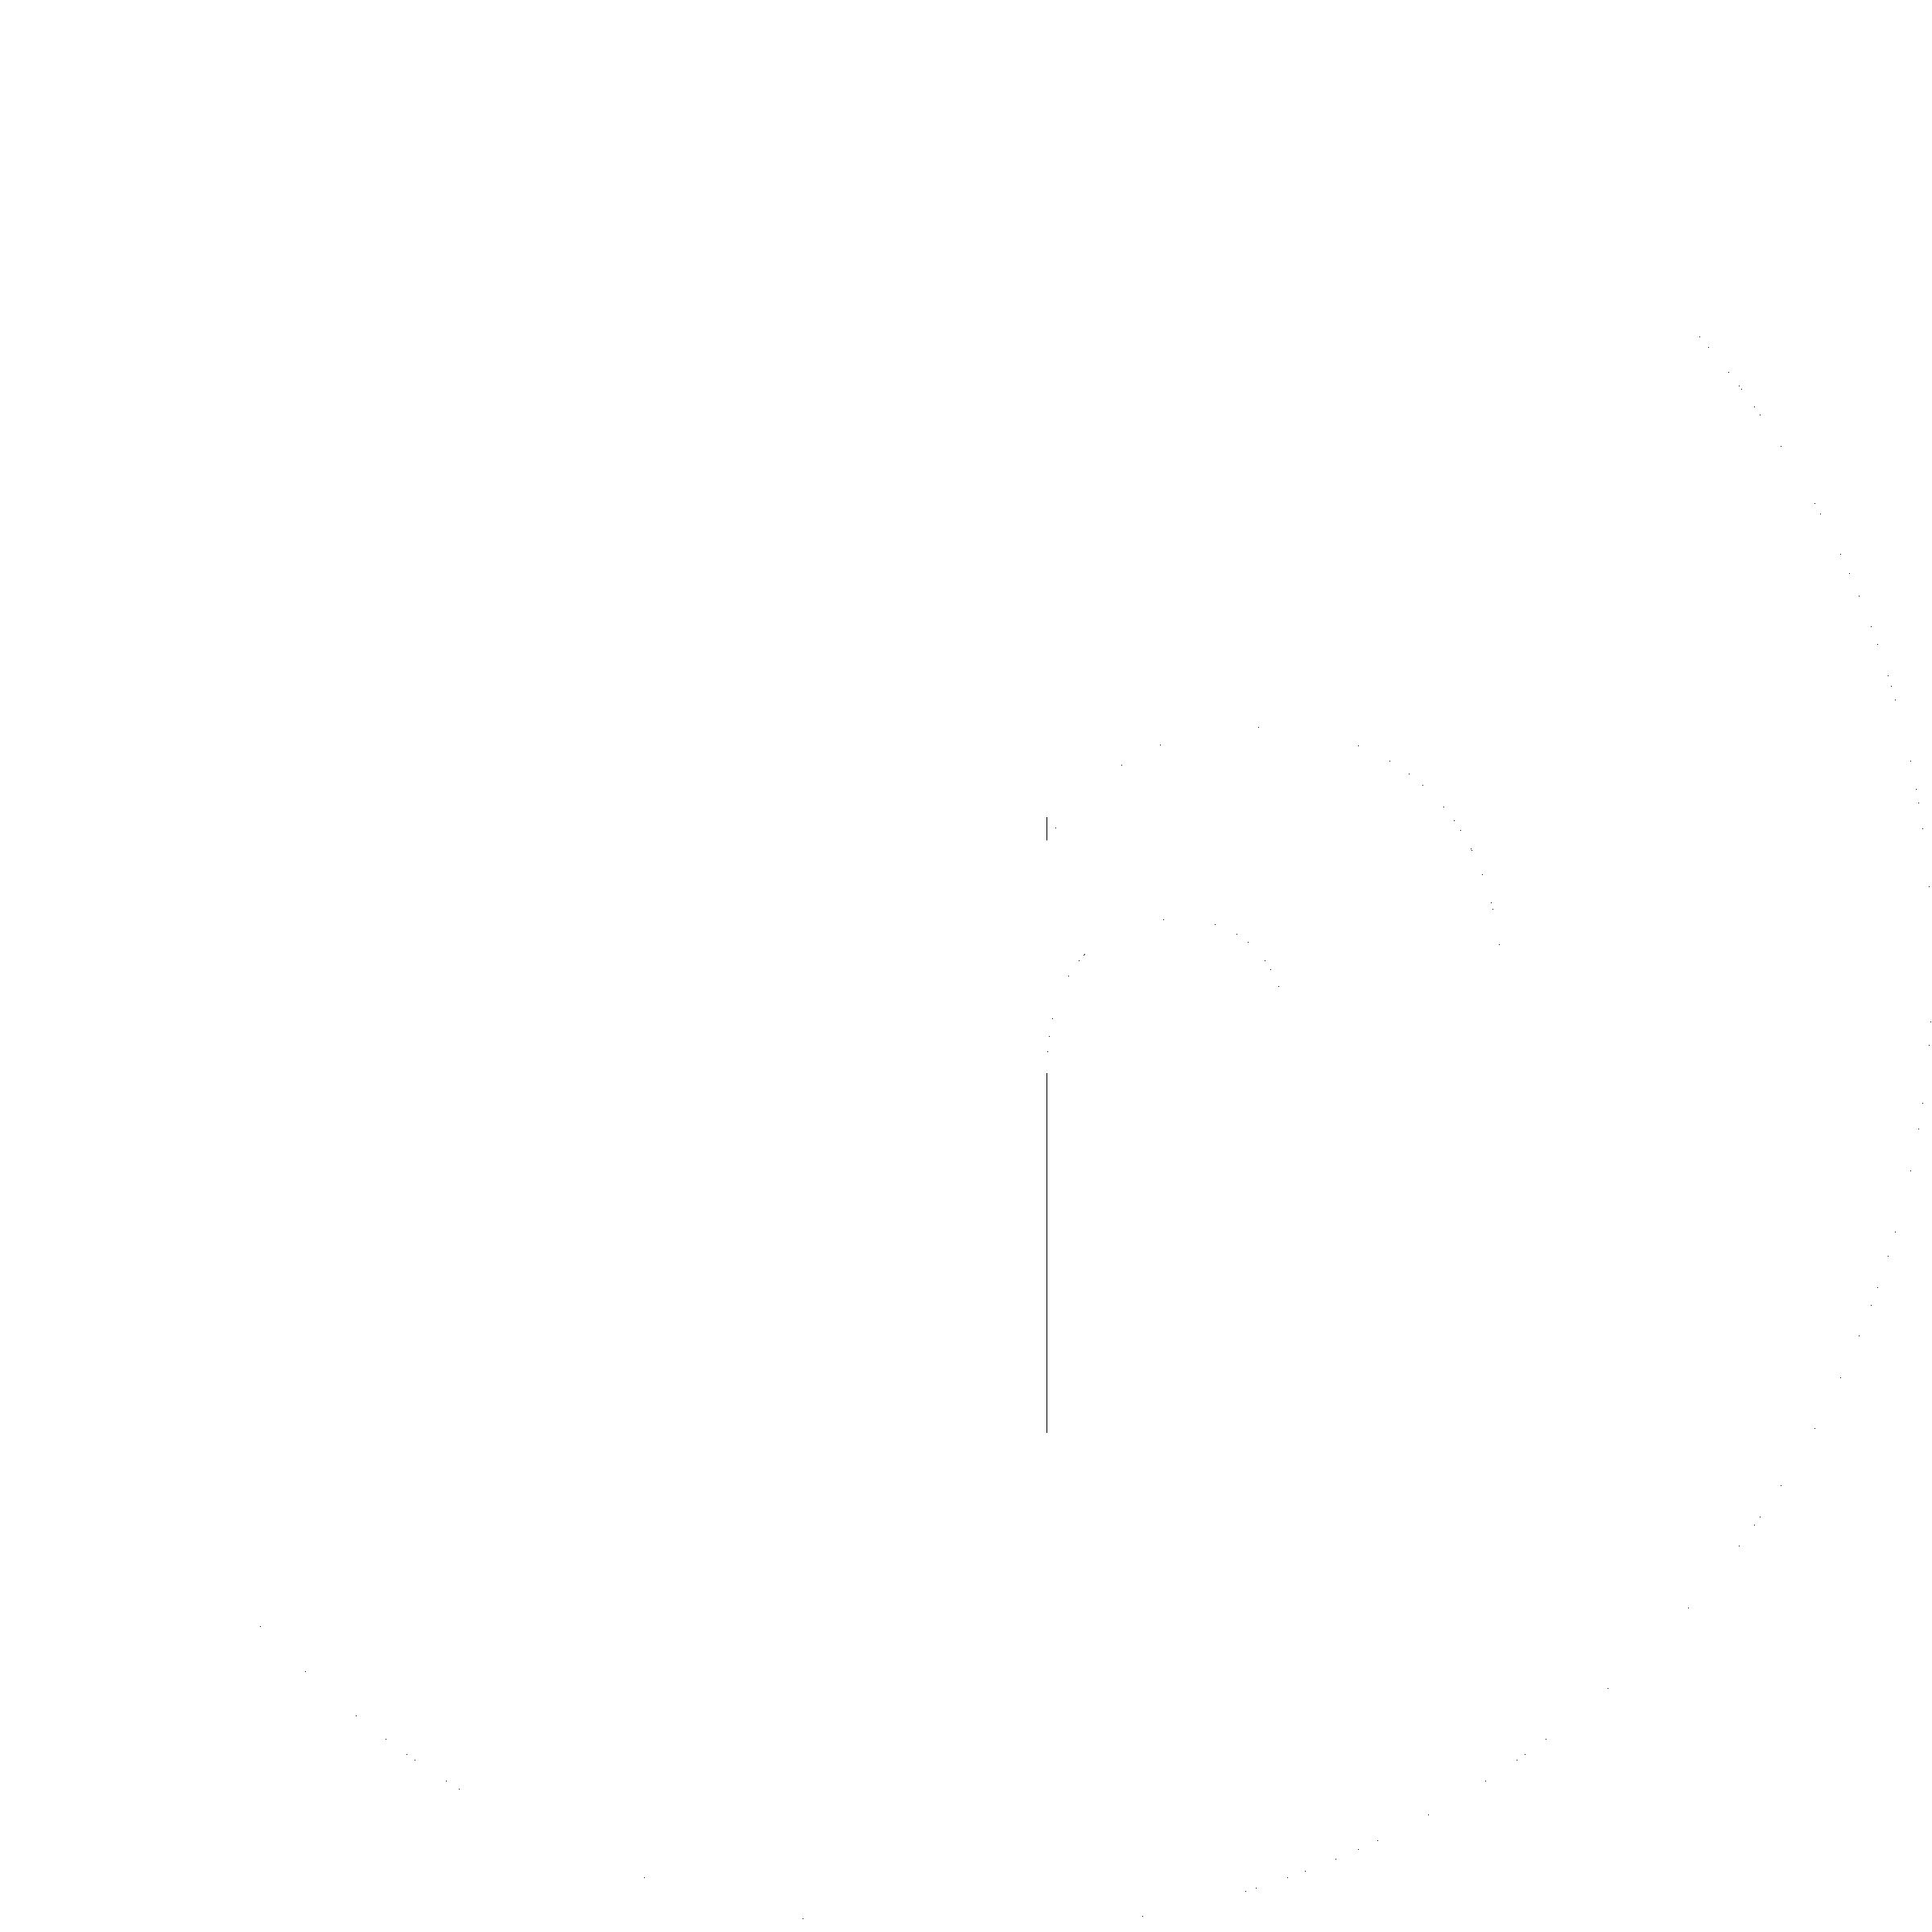 linkedin-icon-logo-black-and-white